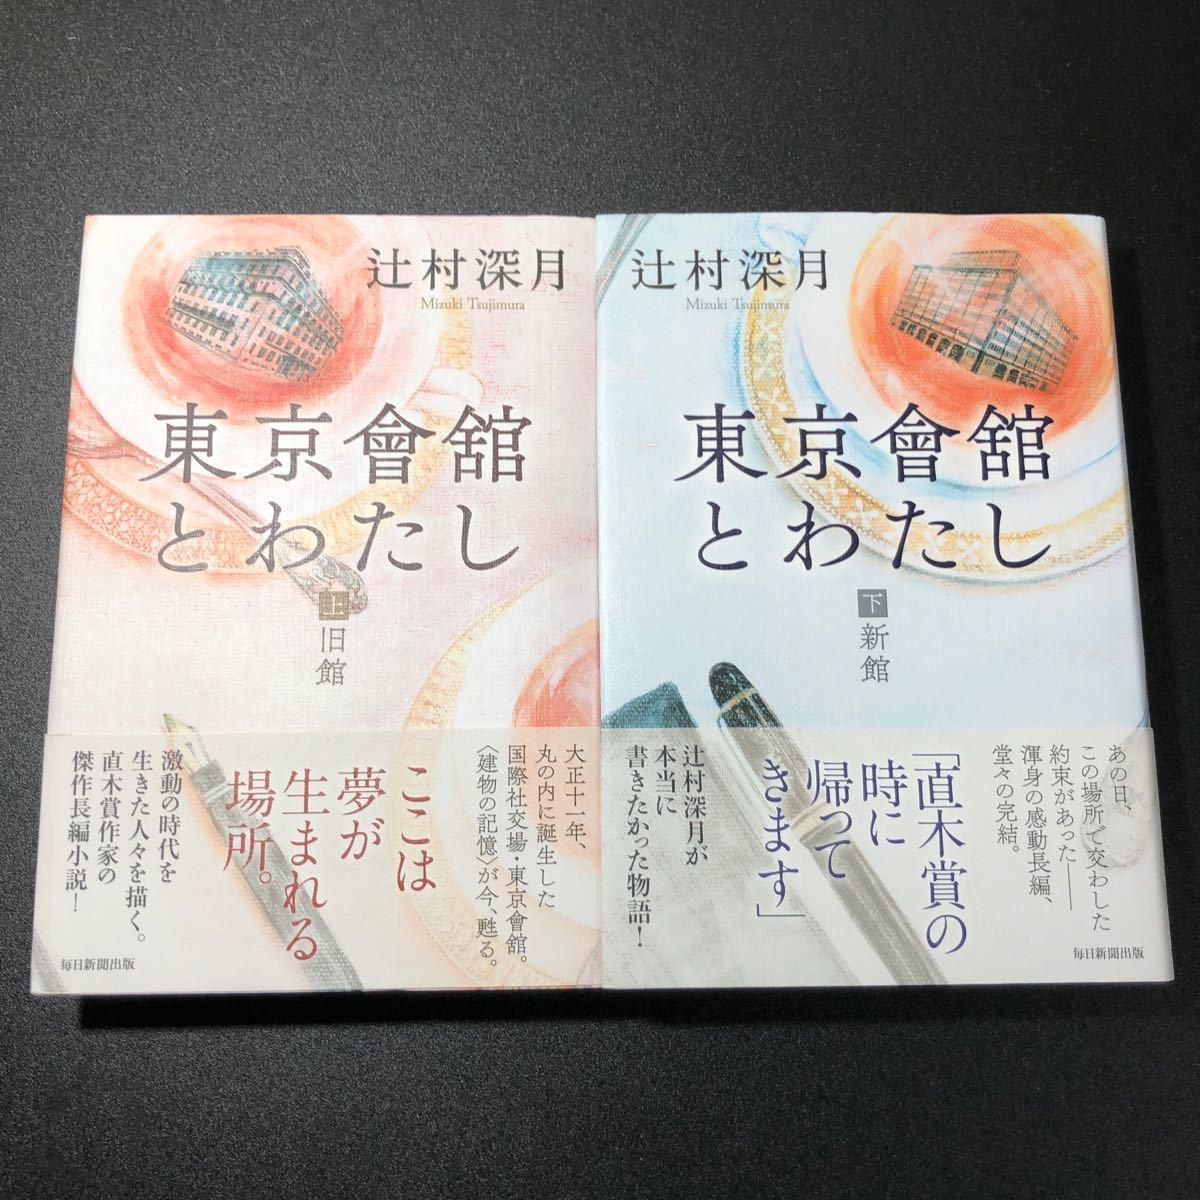 東京會舘とわたし 上下 セット 旧館 新館 辻村深月